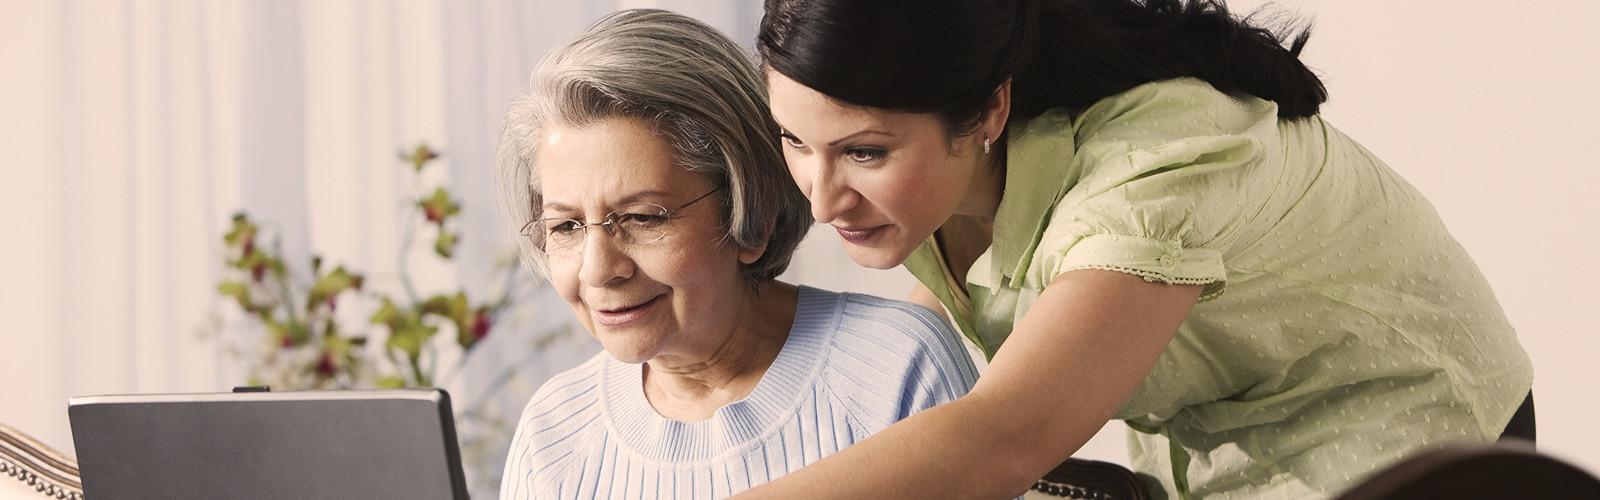 Starija žena i mlada žena za računalom – kako Alzheimerova bolest utječe na vaše najmilije